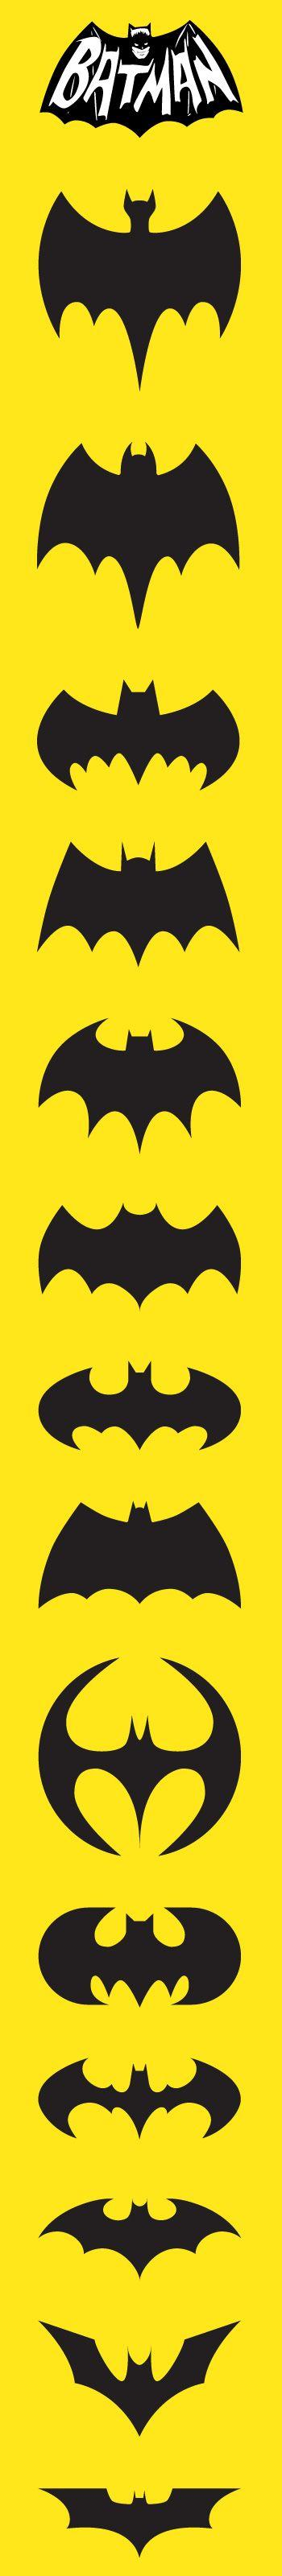 www.visualcorp.cl Porque nos gusta Batman en todos sus logos.